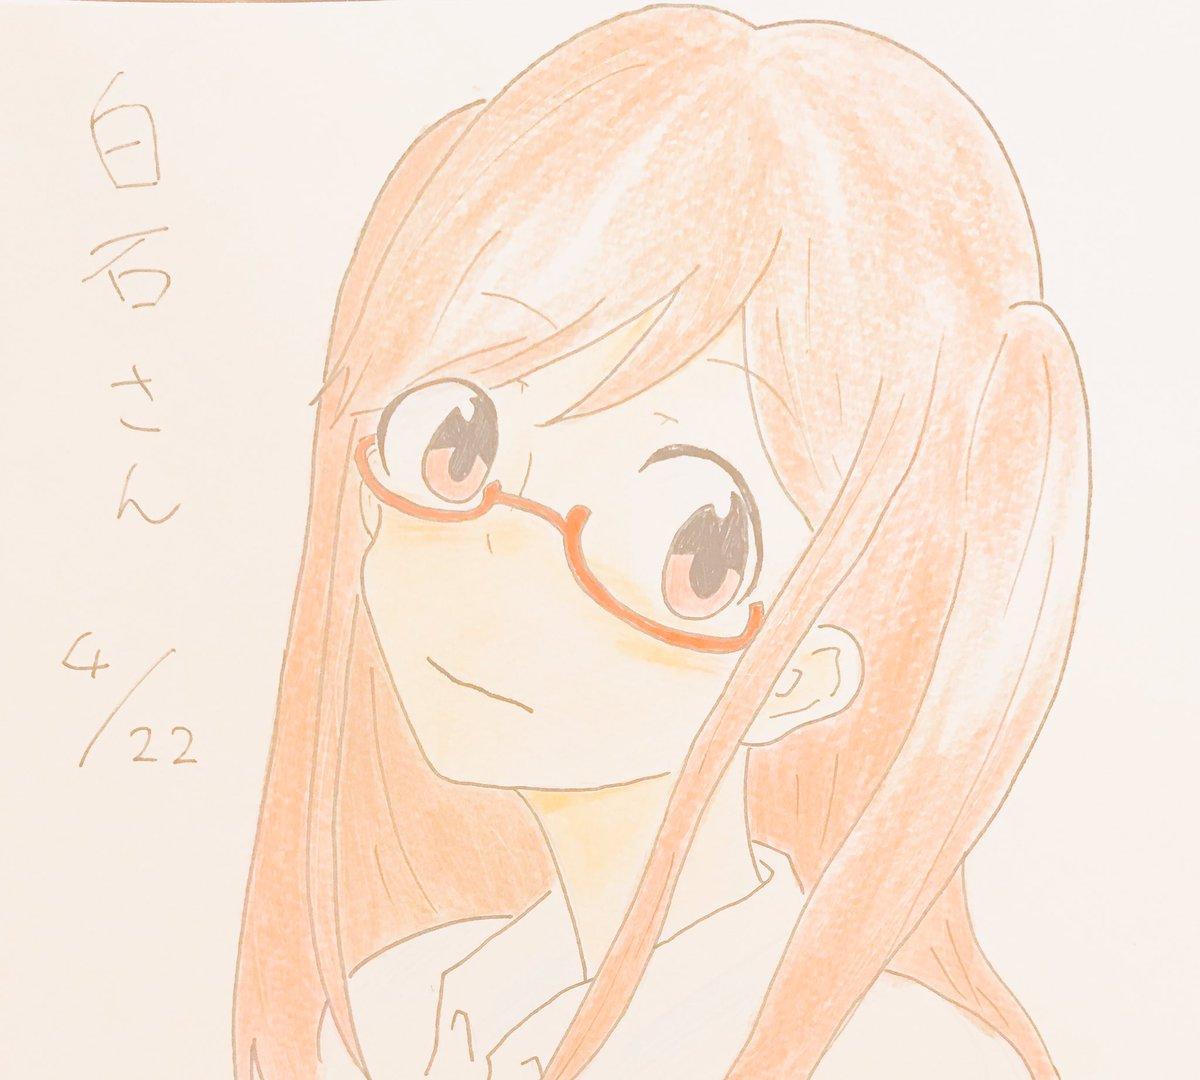 #4月22日は白石の誕生日 白石さん誕生日おめでとう!ギリギリ間に合った!雑になっちゃったのでまた描きたいです。たなけだ